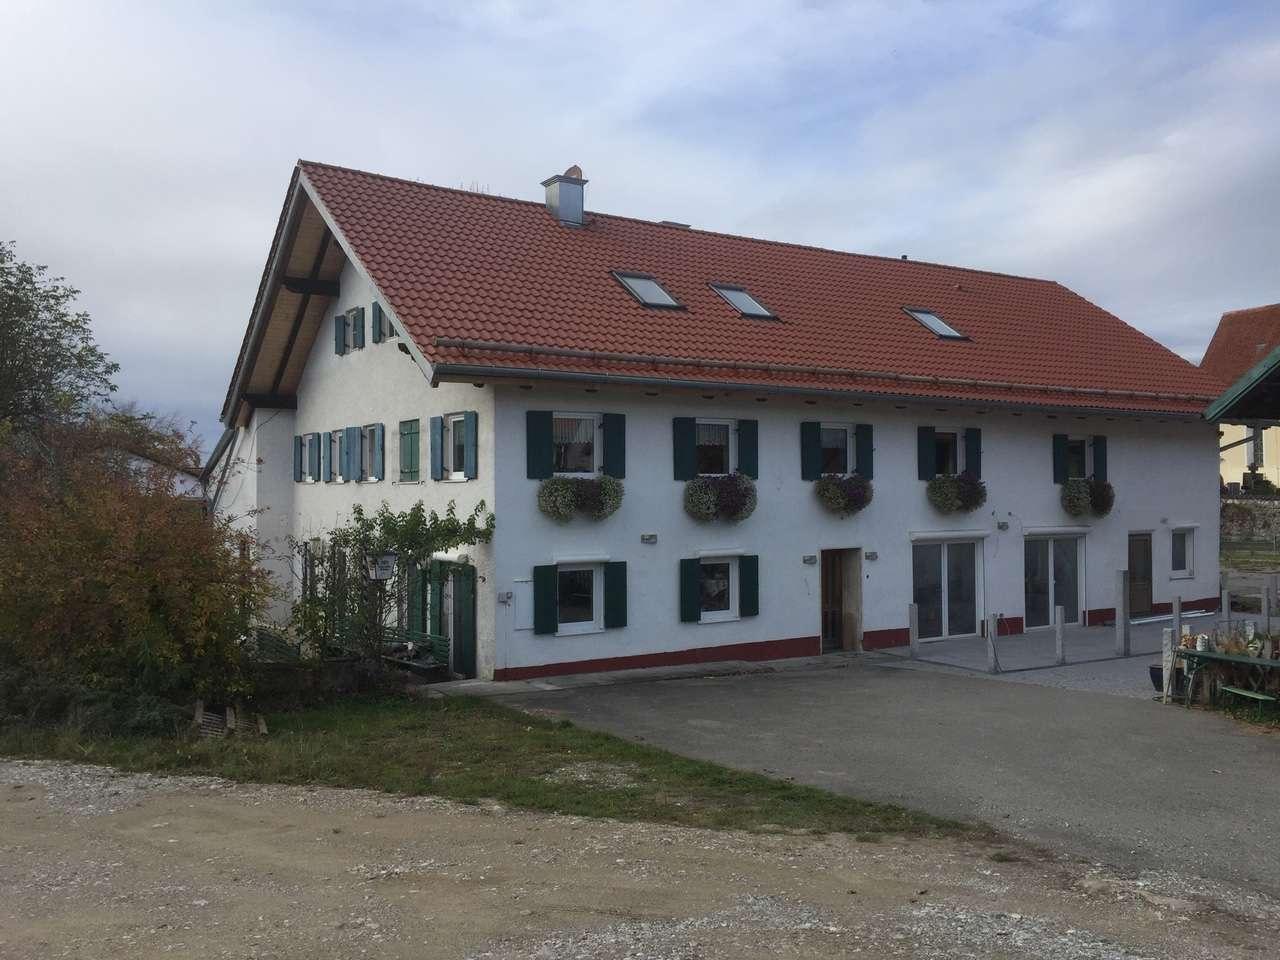 Ansprechende 3-Zimmer-Wohnung in Herrsching am Ammersee in Herrsching am Ammersee (Starnberg)